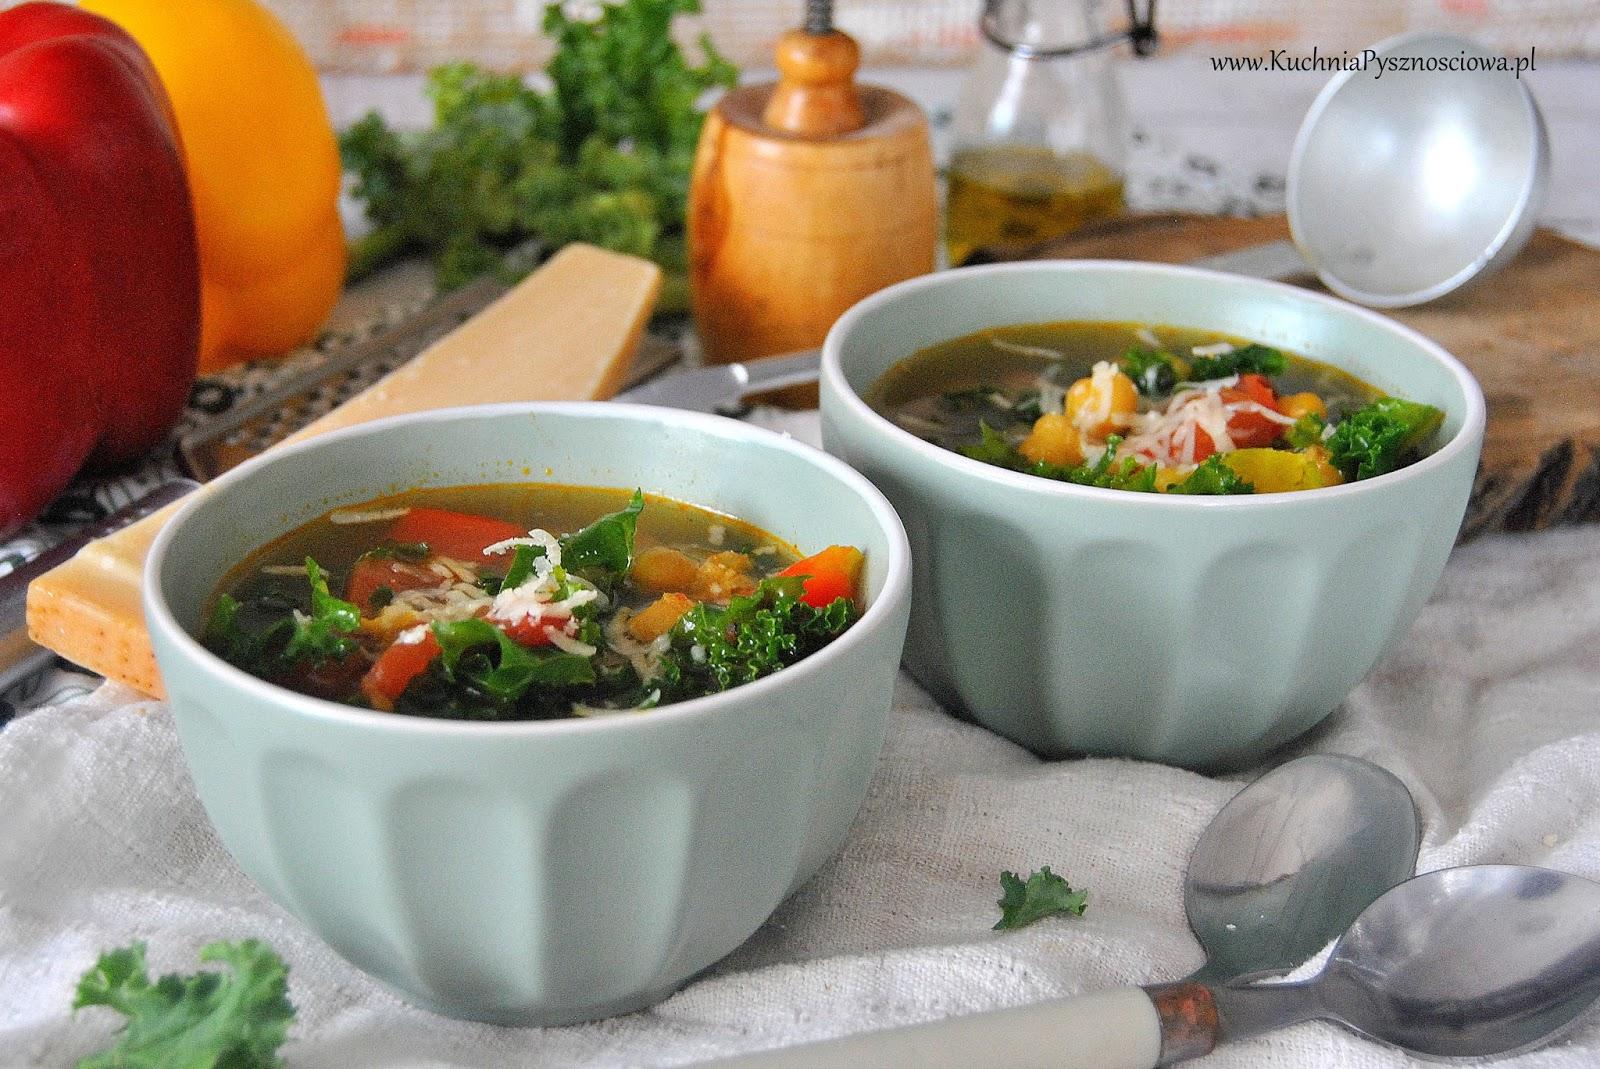 541. Rozgrzewająca zupa warzywna z jarmużem i cieciorką